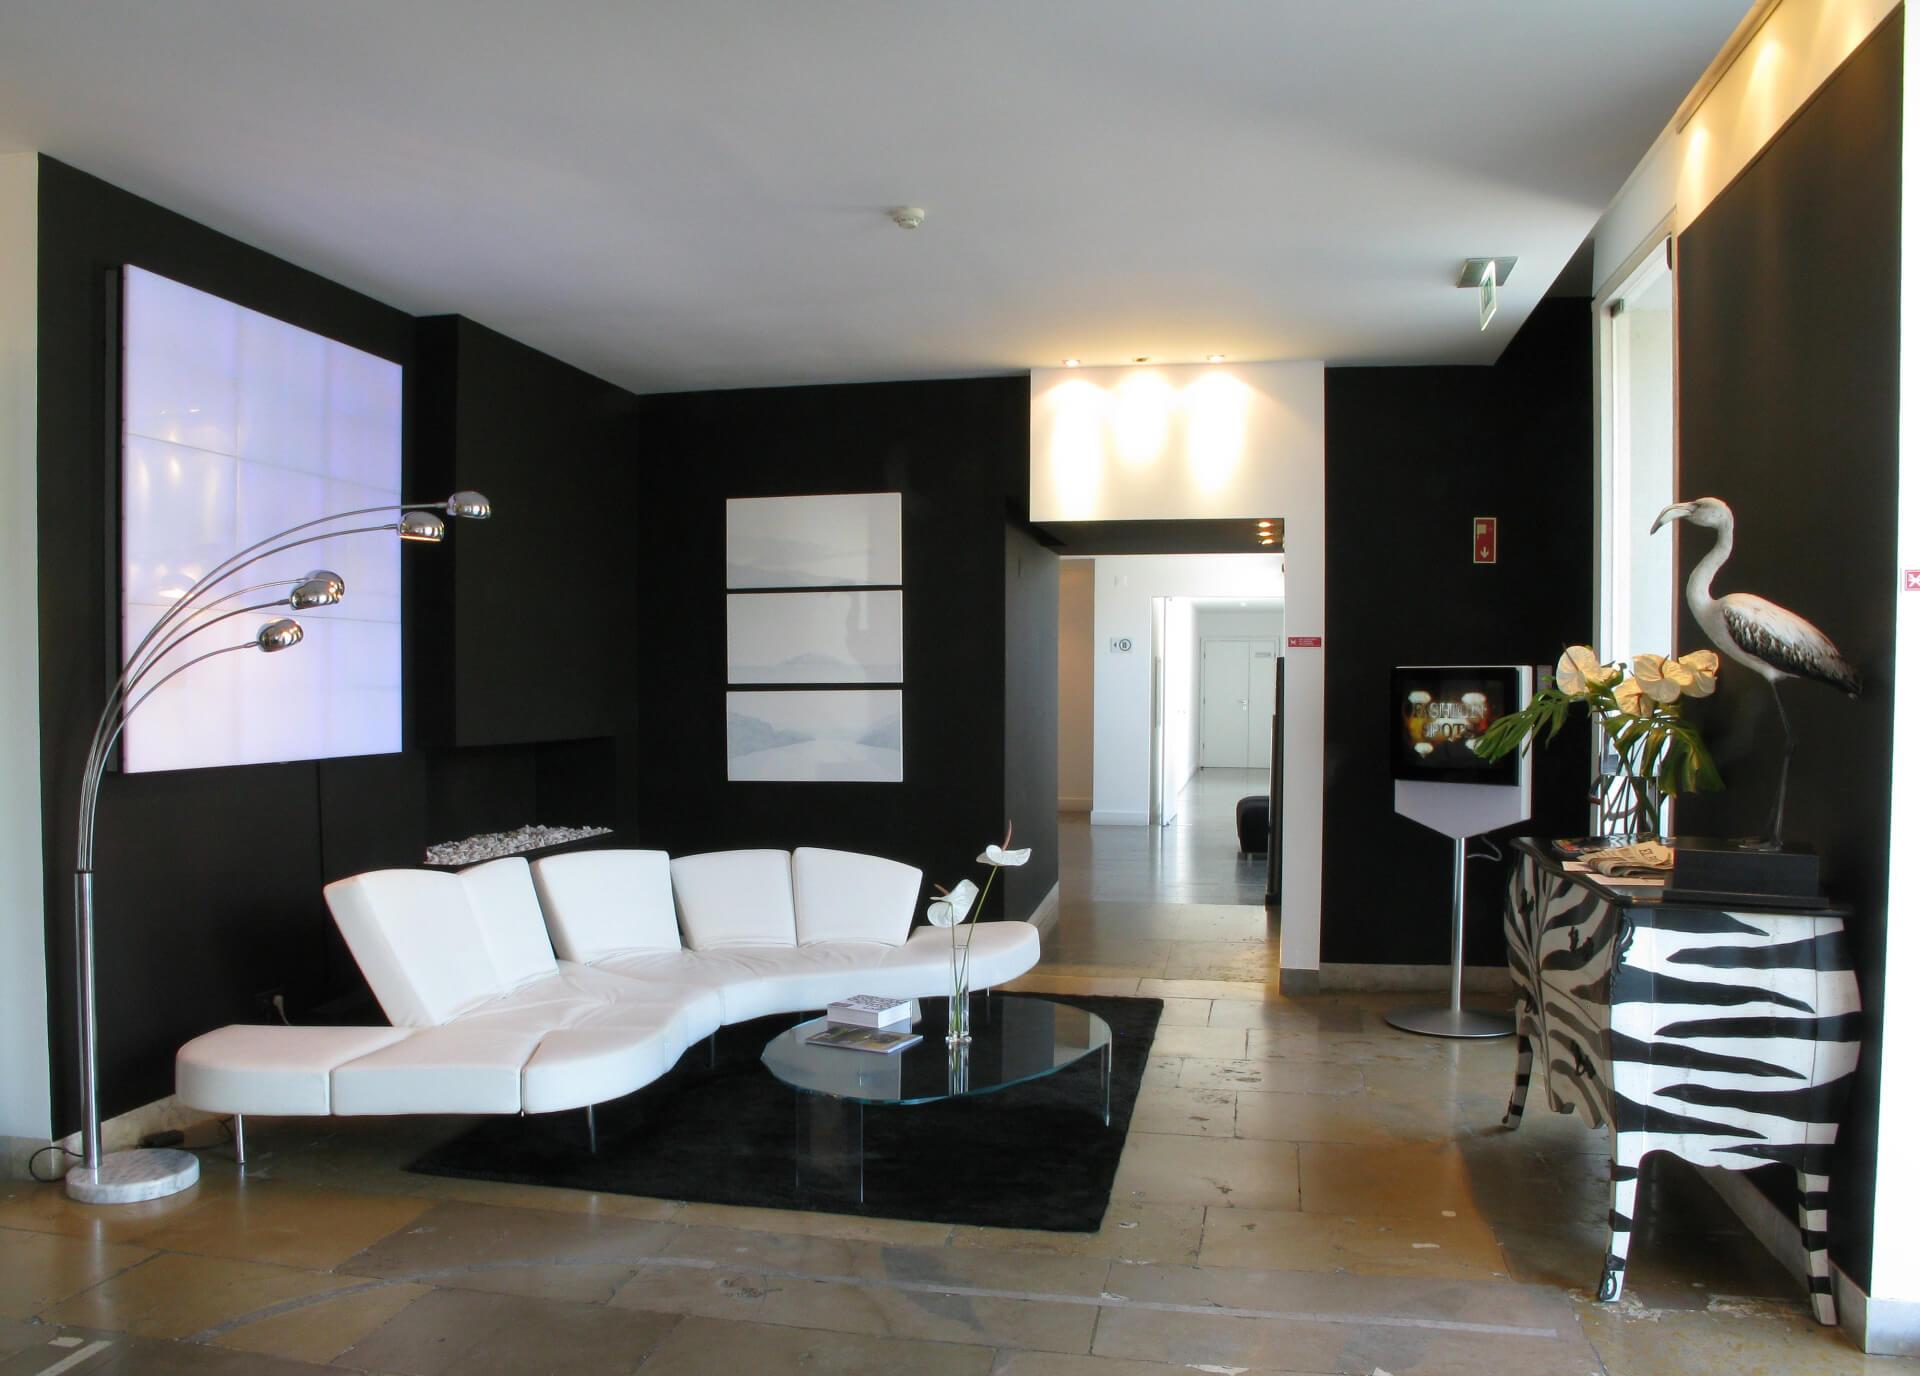 Designhotels leuk hotel for Design hotel juist